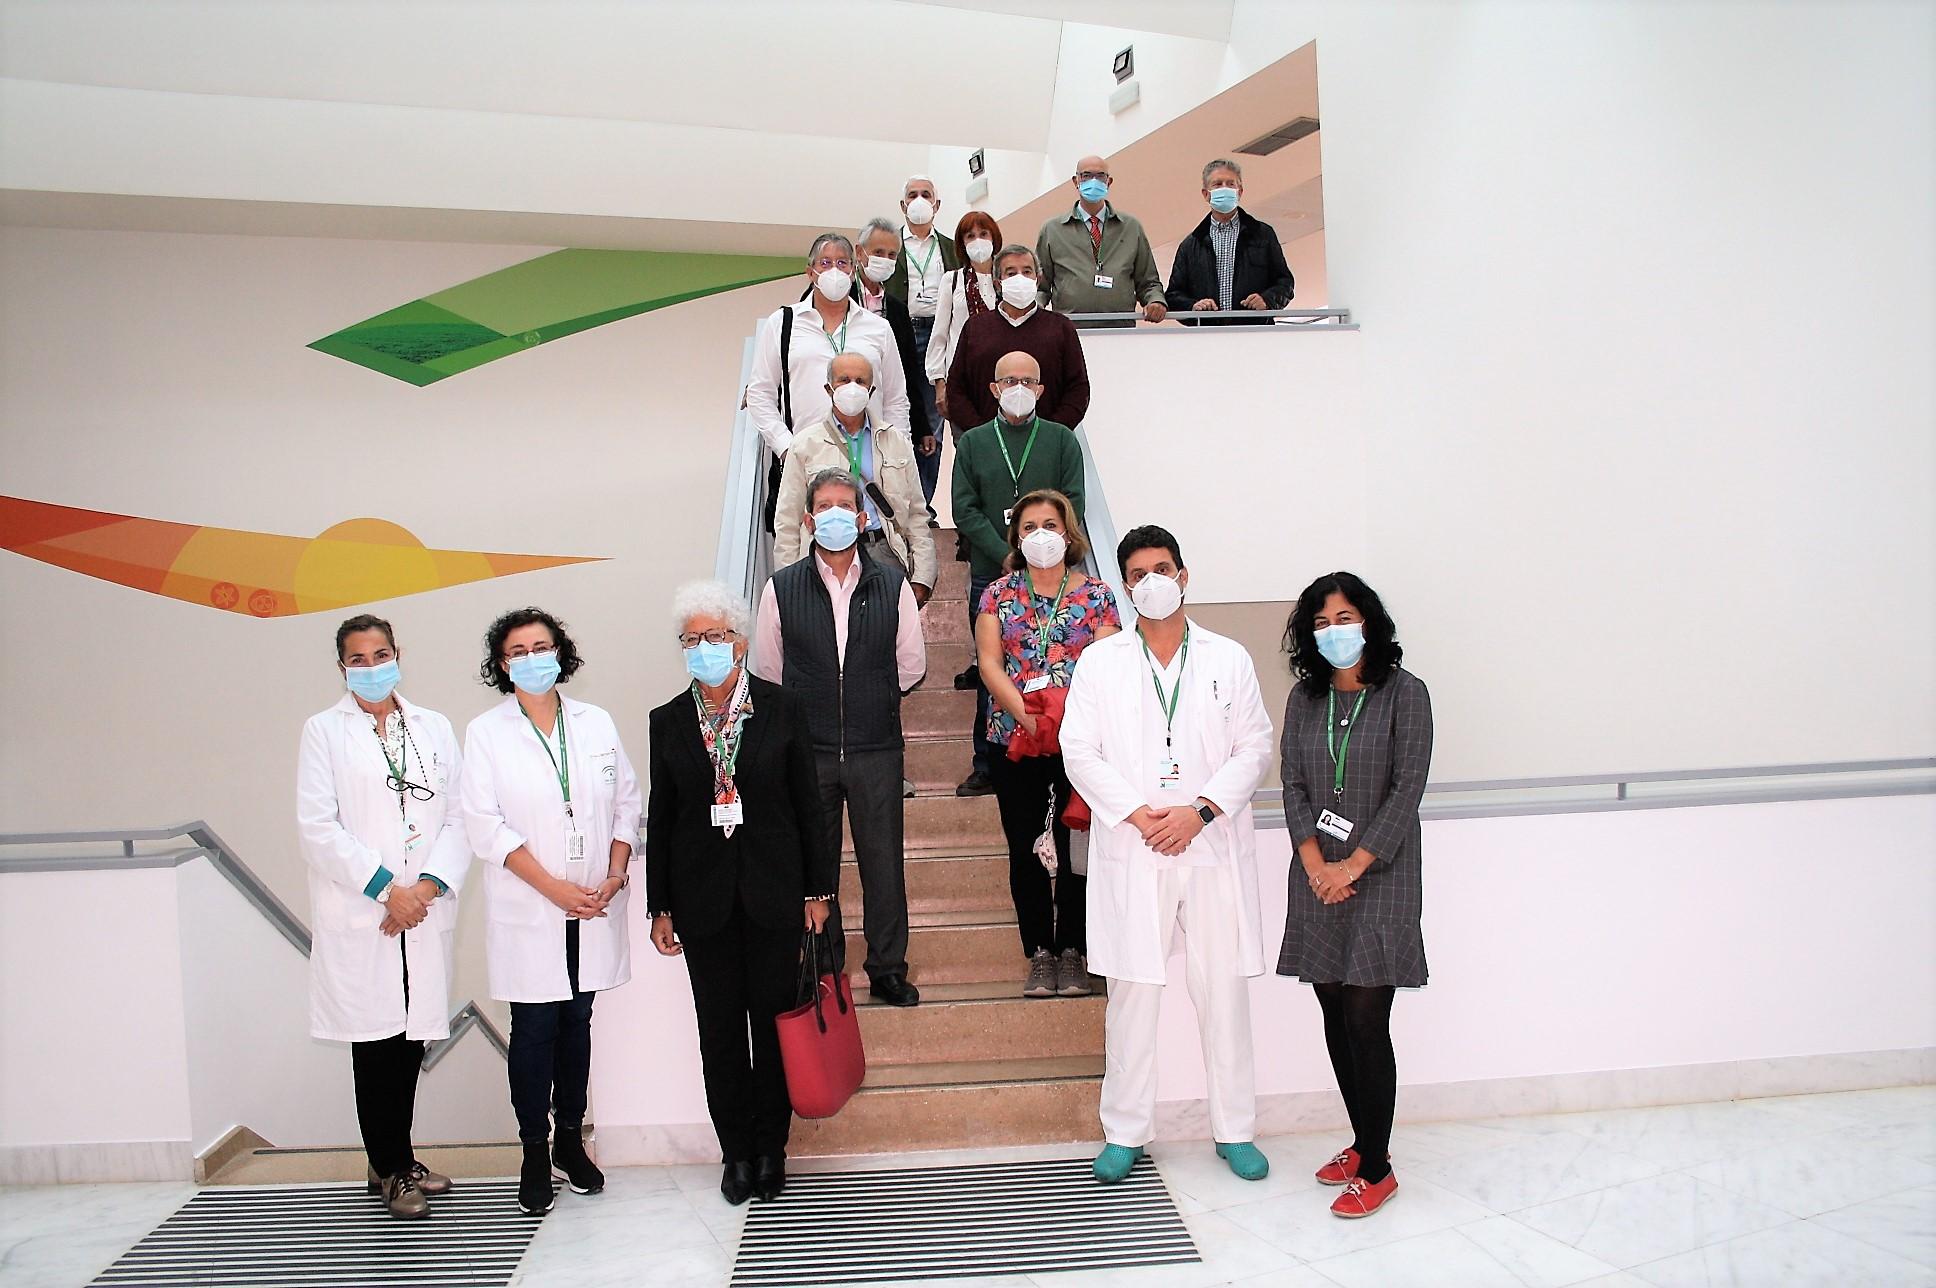 Una docena de médicos jubilados se incorporan como voluntarios al Clínico para realizar seguimiento de casos Covid-19